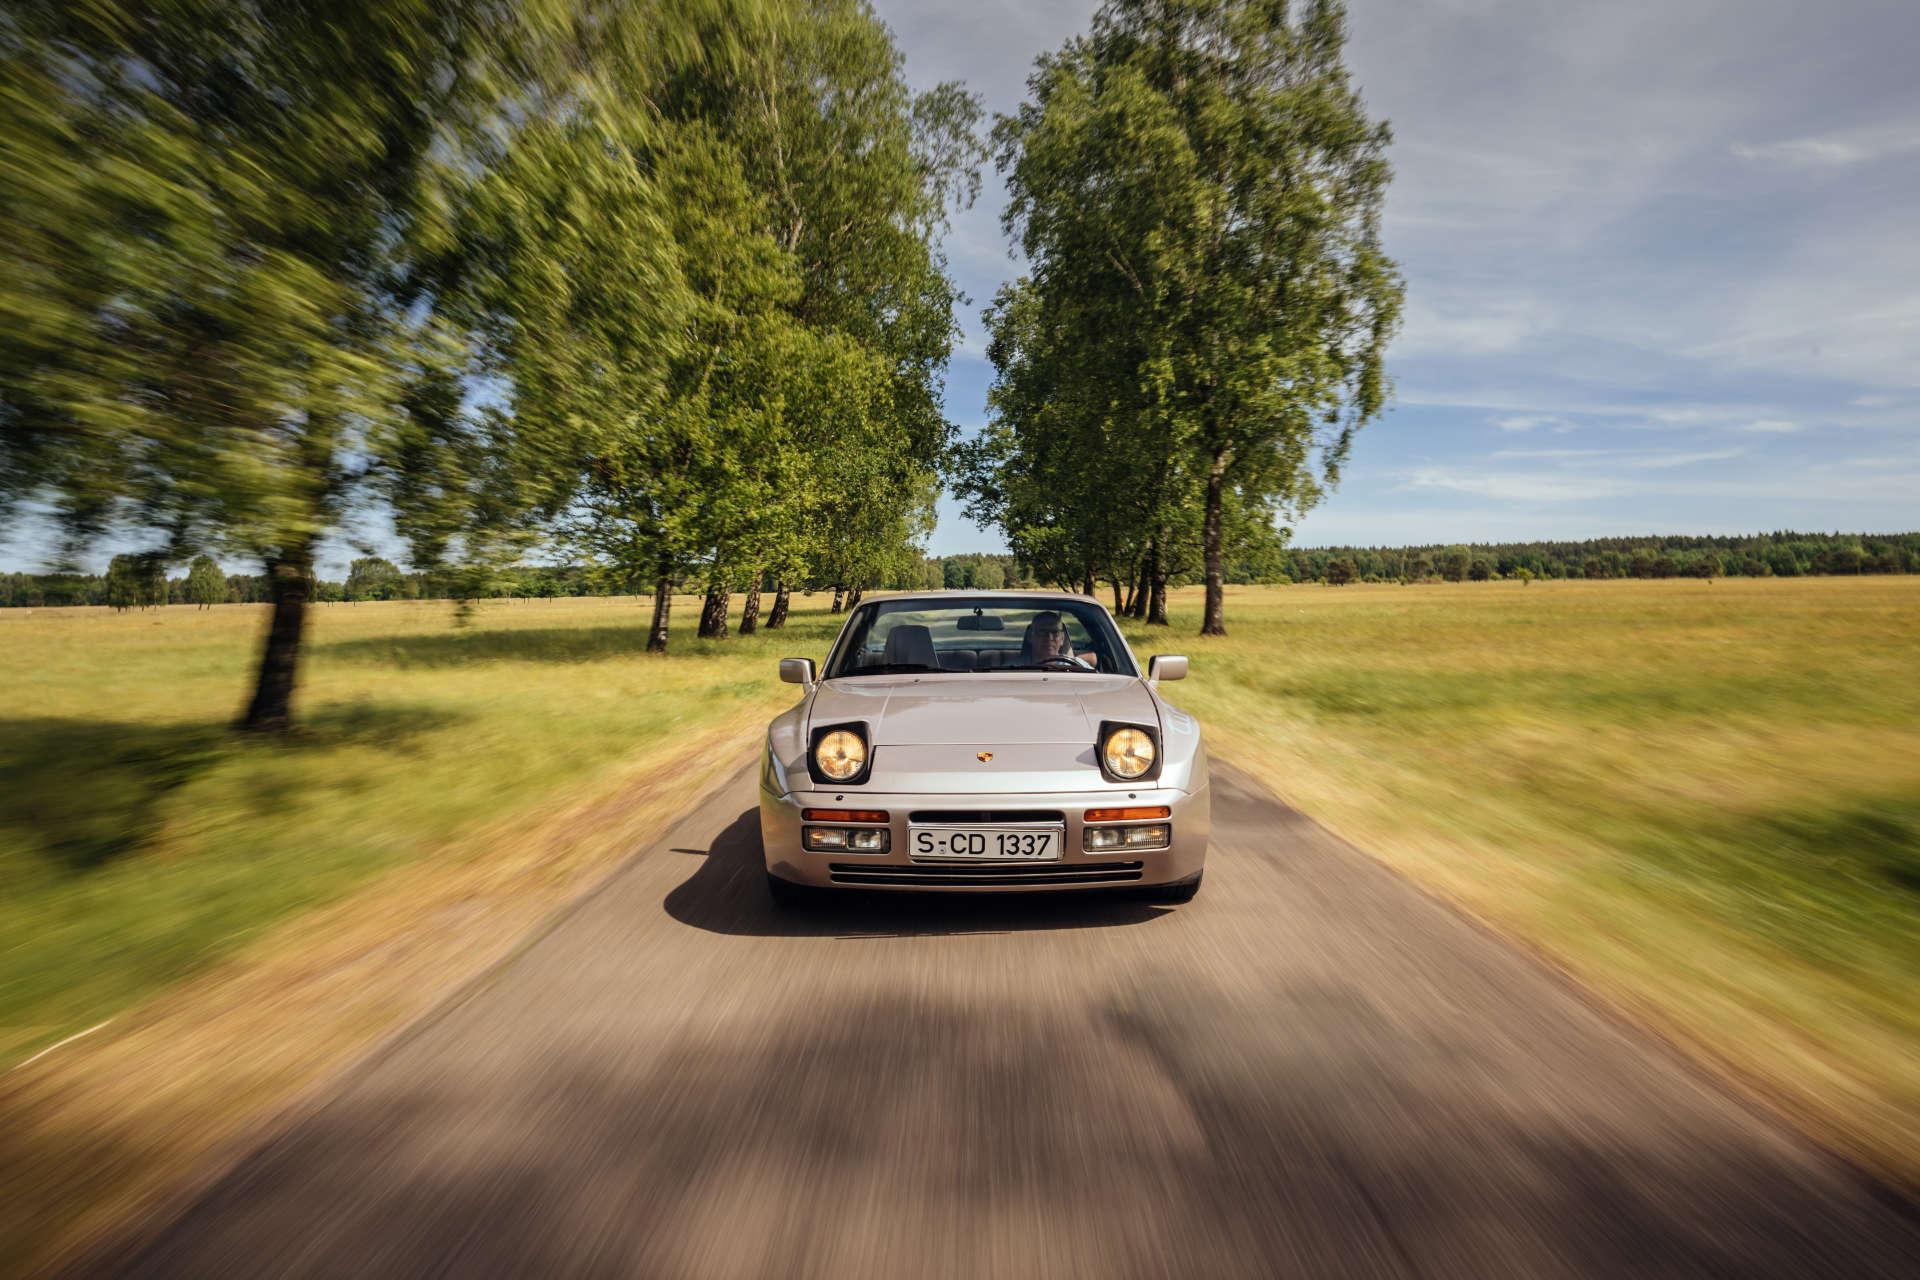 Porsche 944 Turbo S - Fahraufnahme